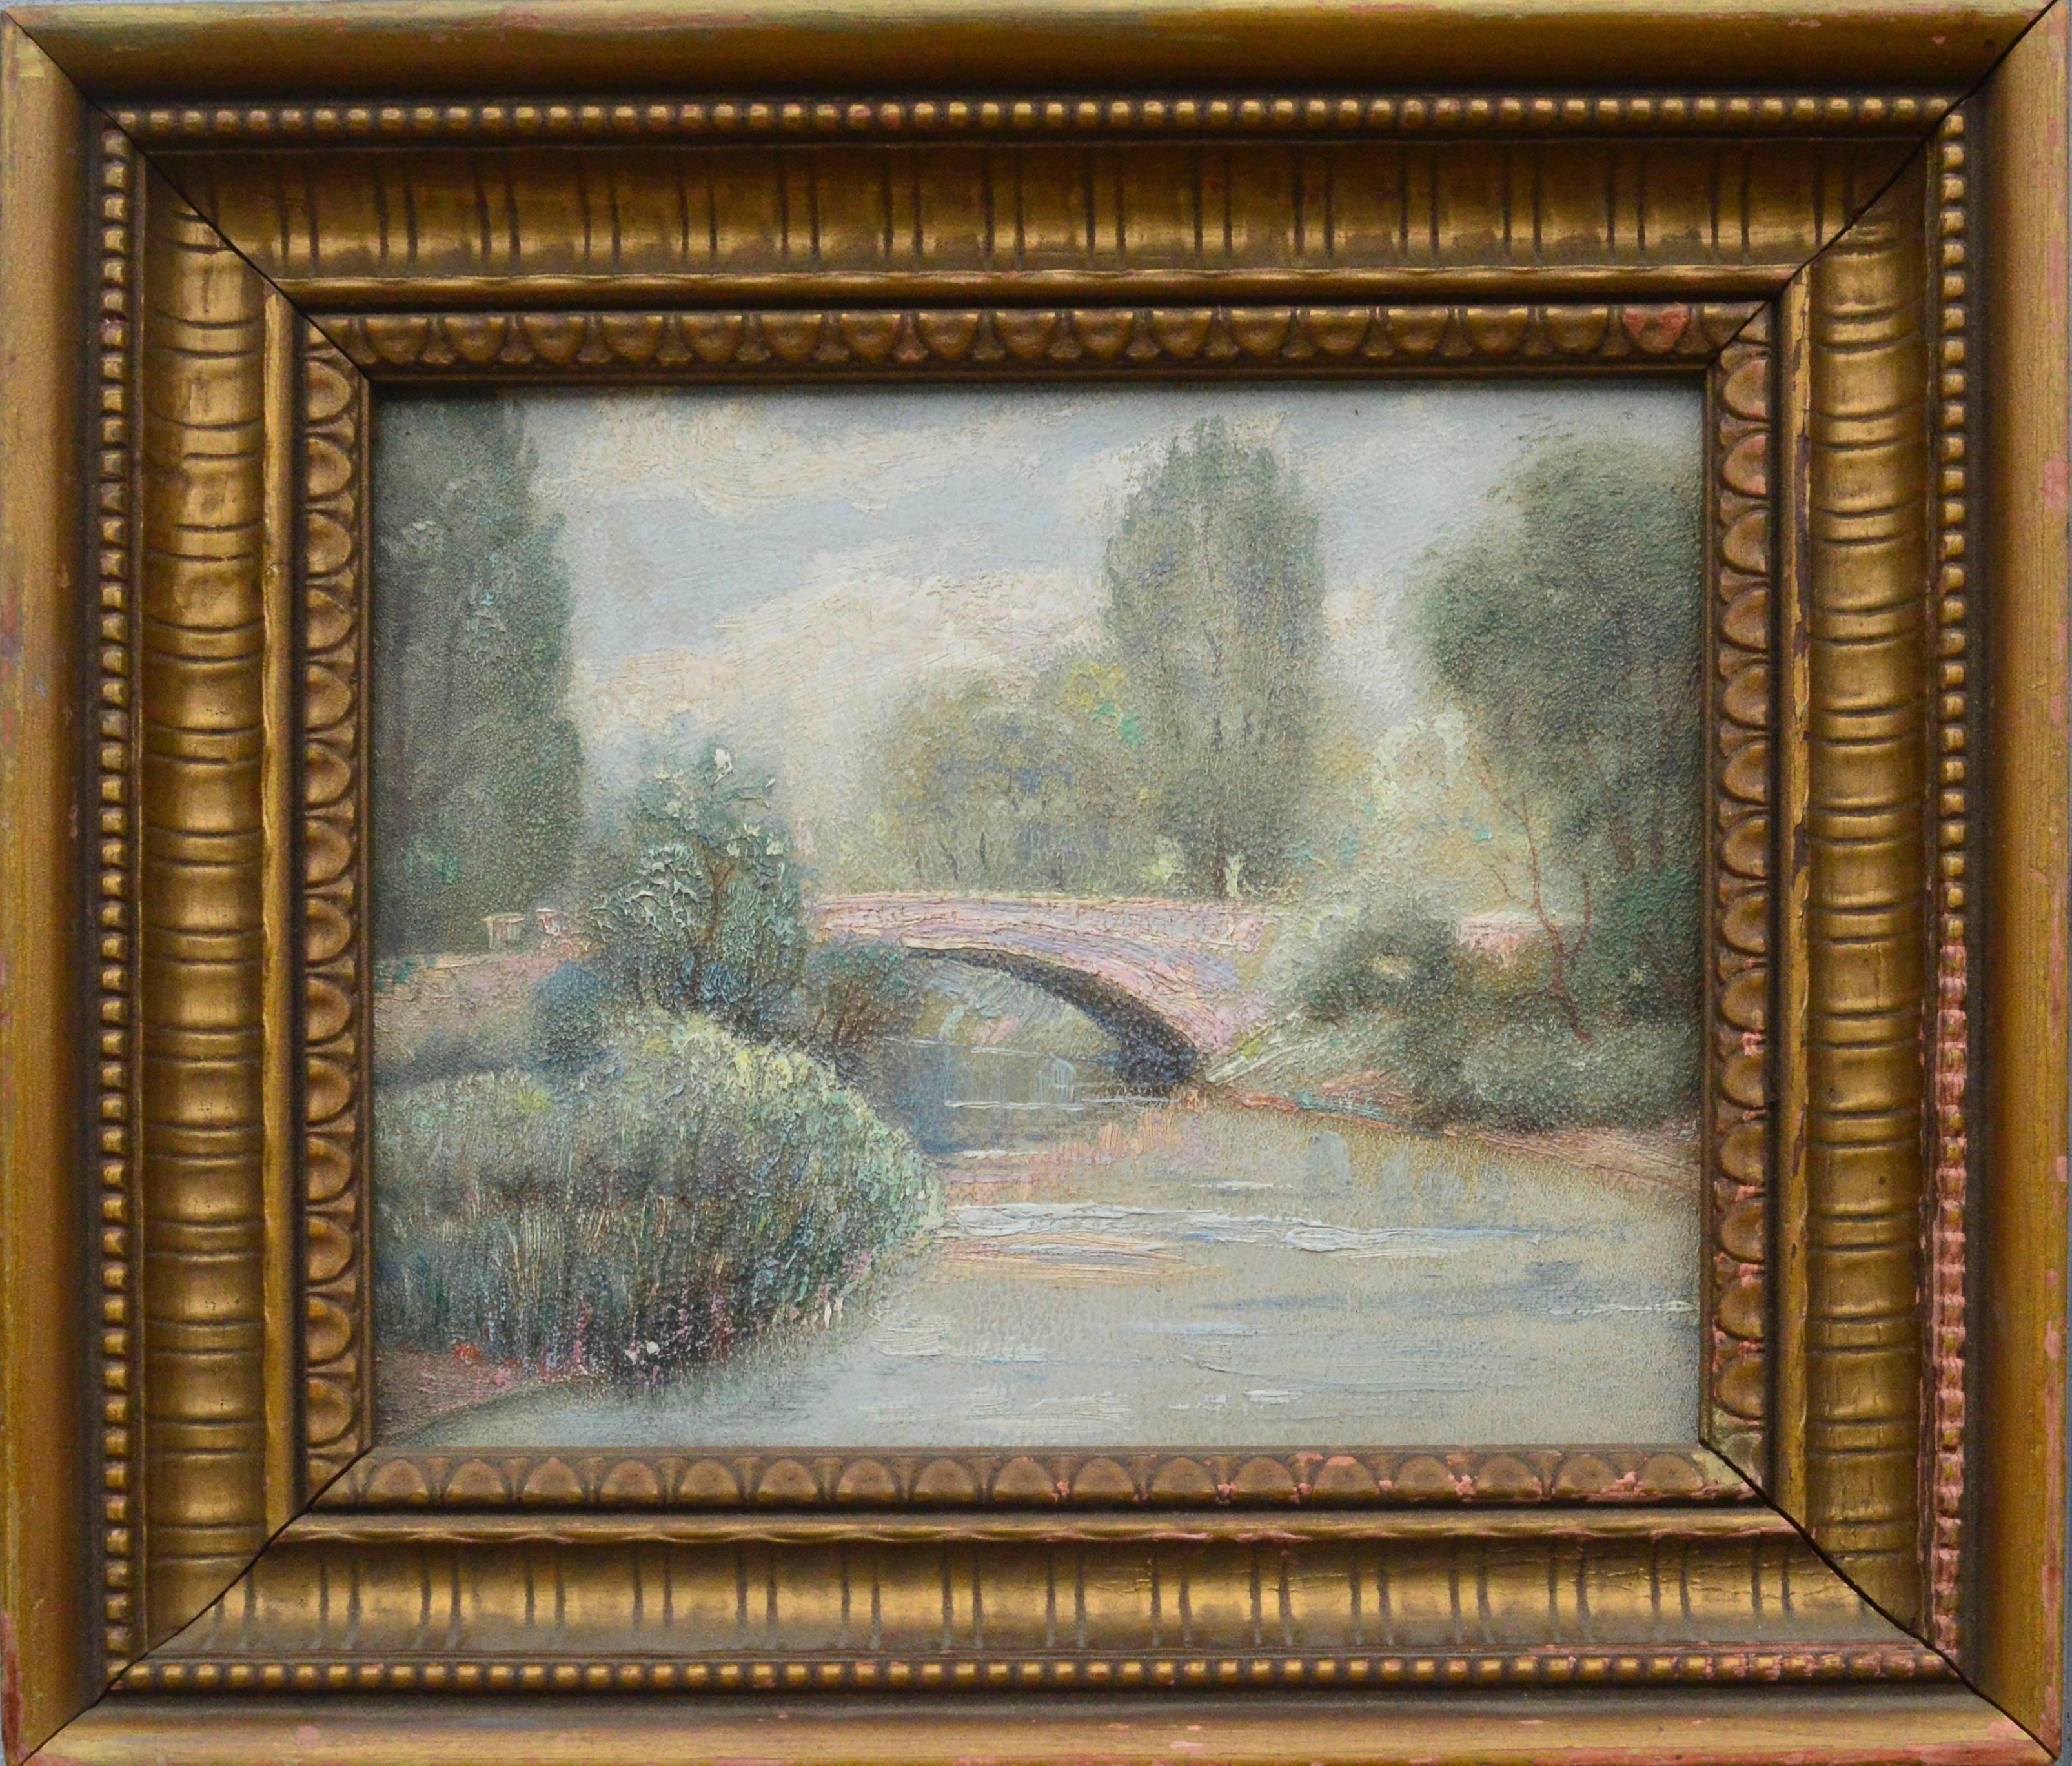 Early 20th Century Central Park Bridge Landscape